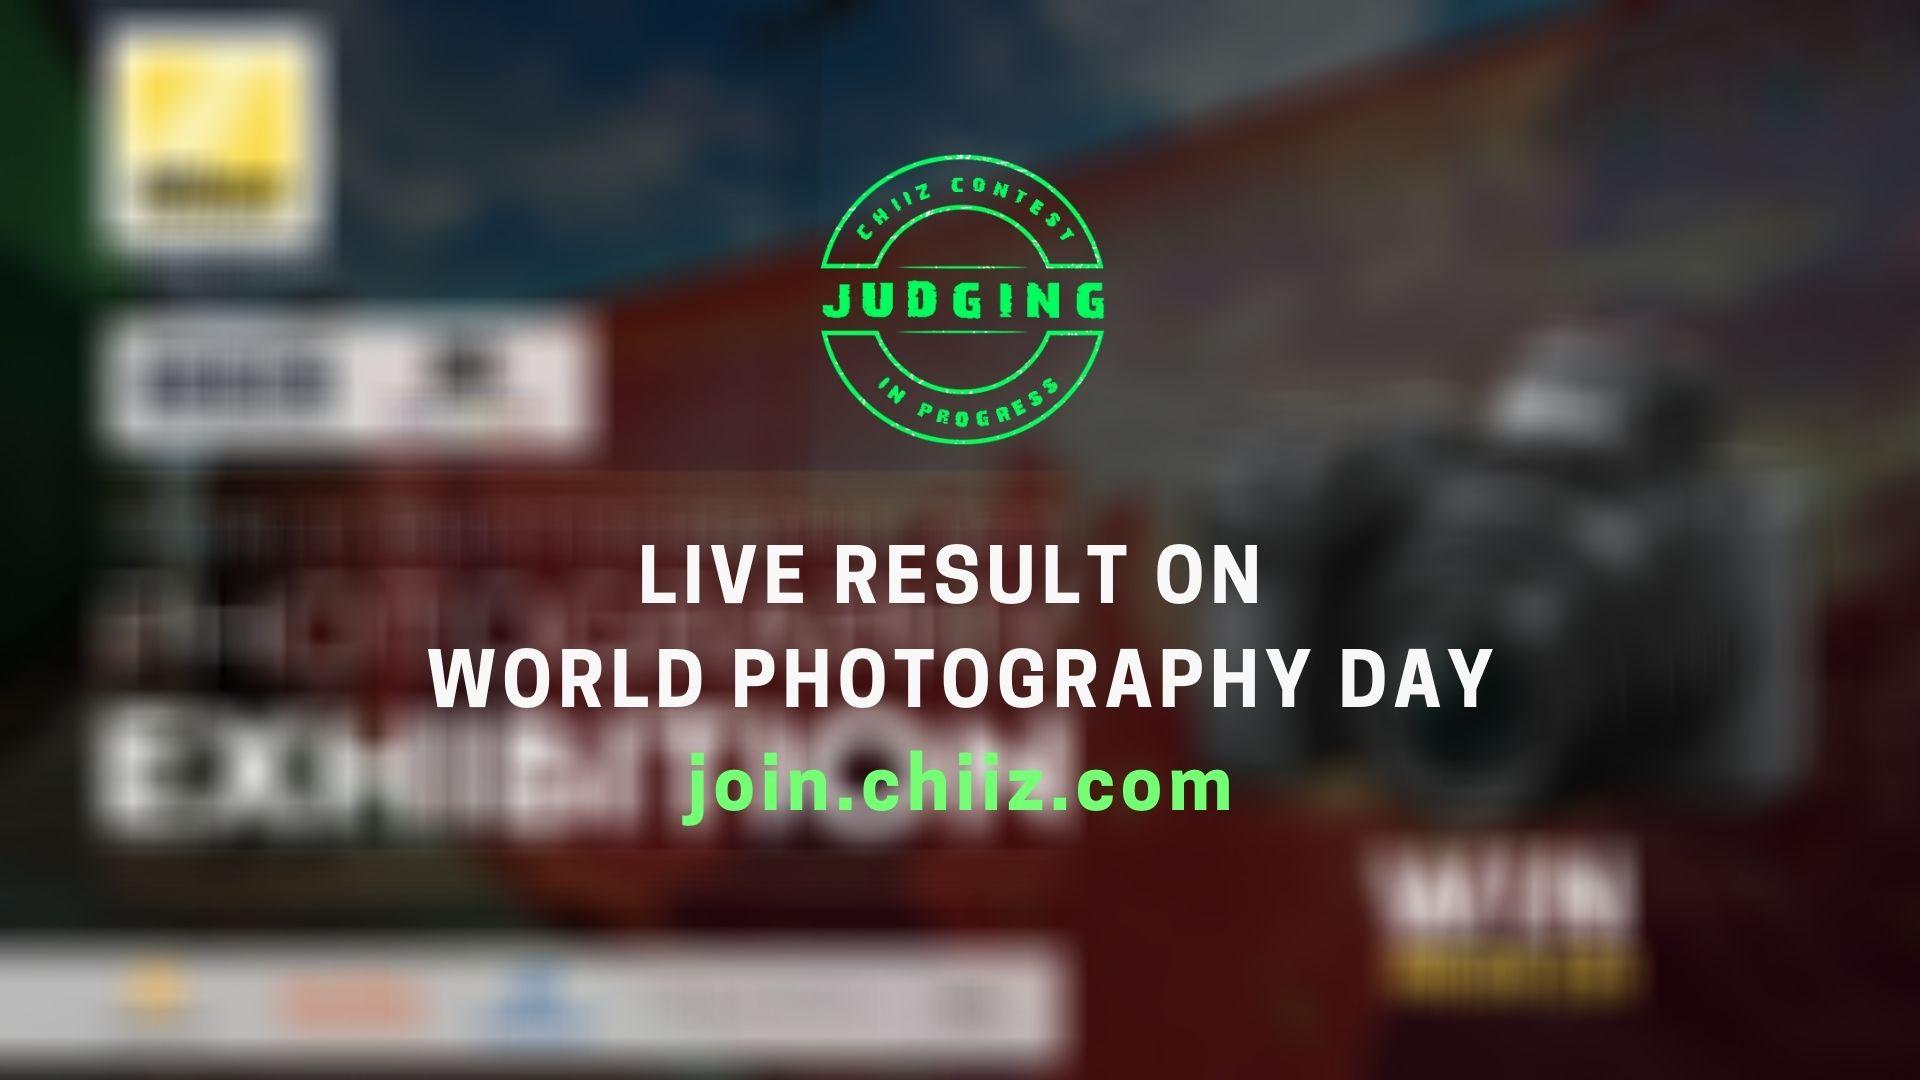 Photography Magazine Digital Photography Magazine Chiiz Com